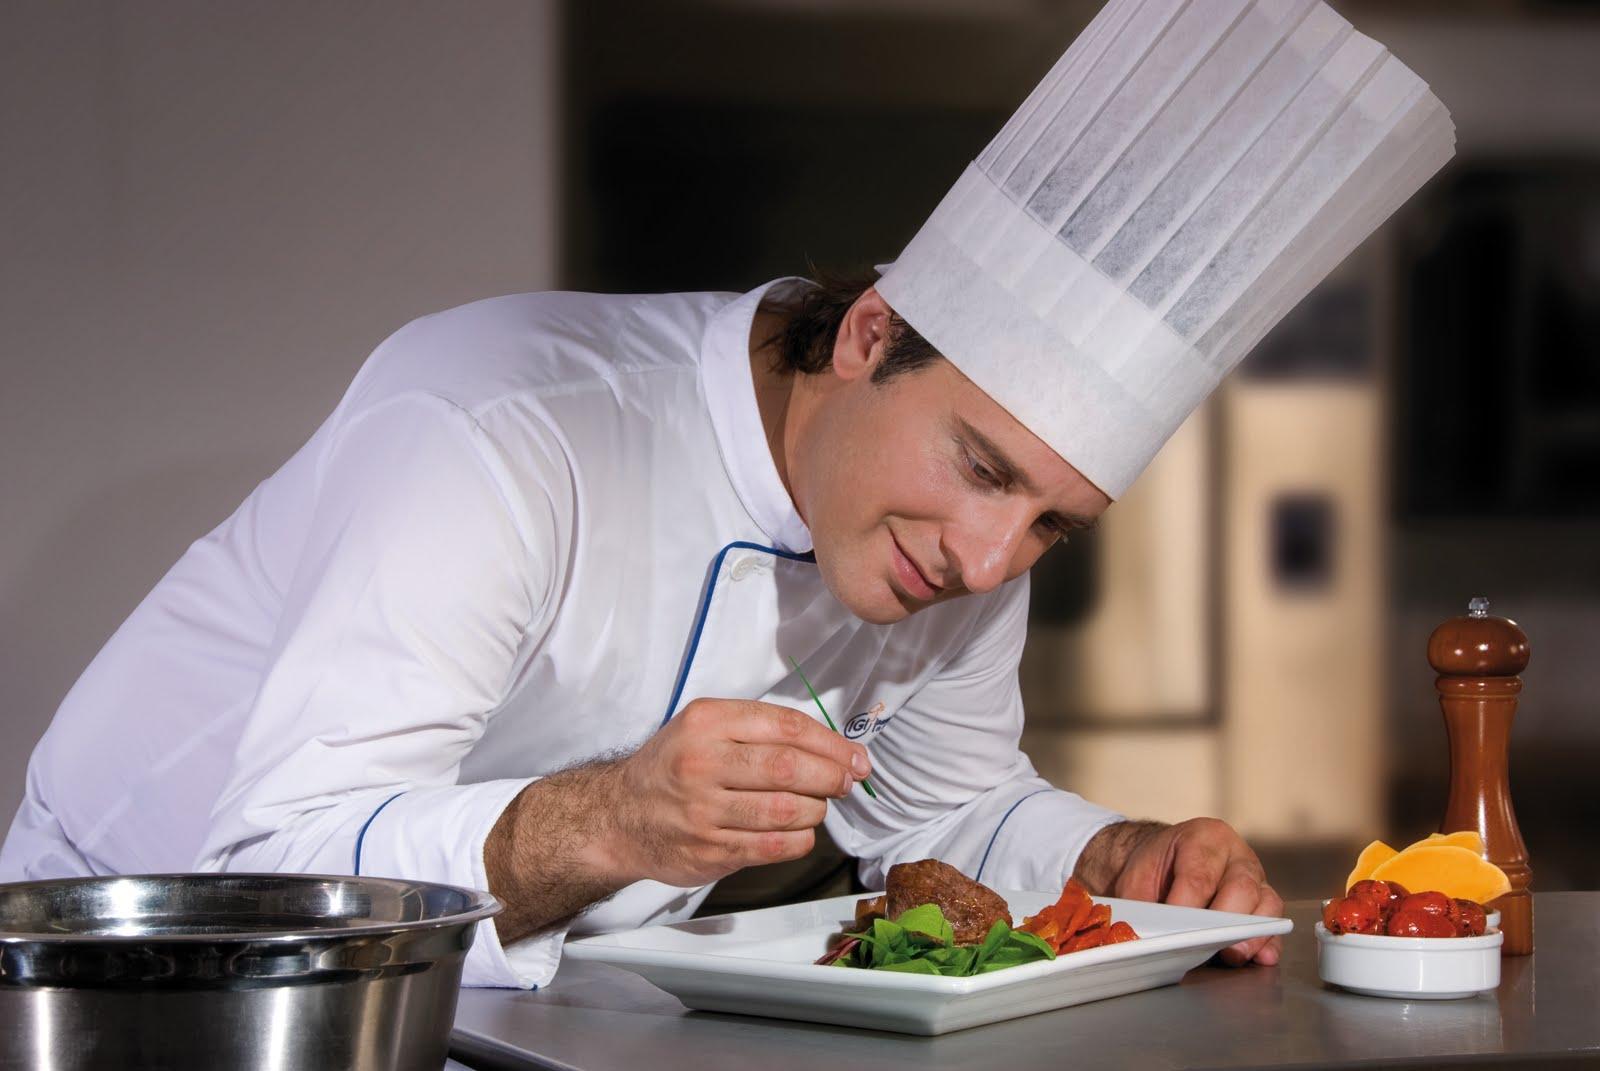 Innovador curso de gastronom a por internet da esperanza a hispanos de bajos recursos udual press - Trabajo de jefe de cocina ...